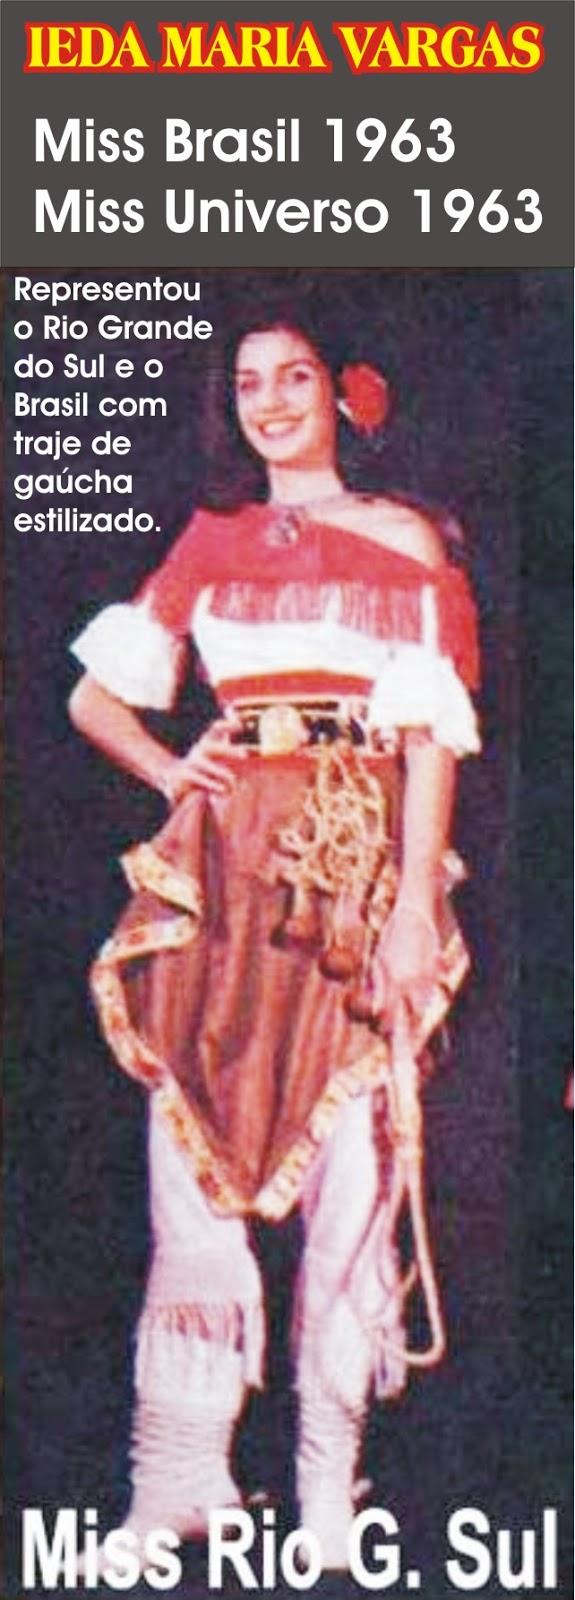 ✾◕‿◕✾ Galeria de Ieda Maria Vargas, Miss Universe 1963.✾◕‿◕✾ - Página 3 Iedaes10